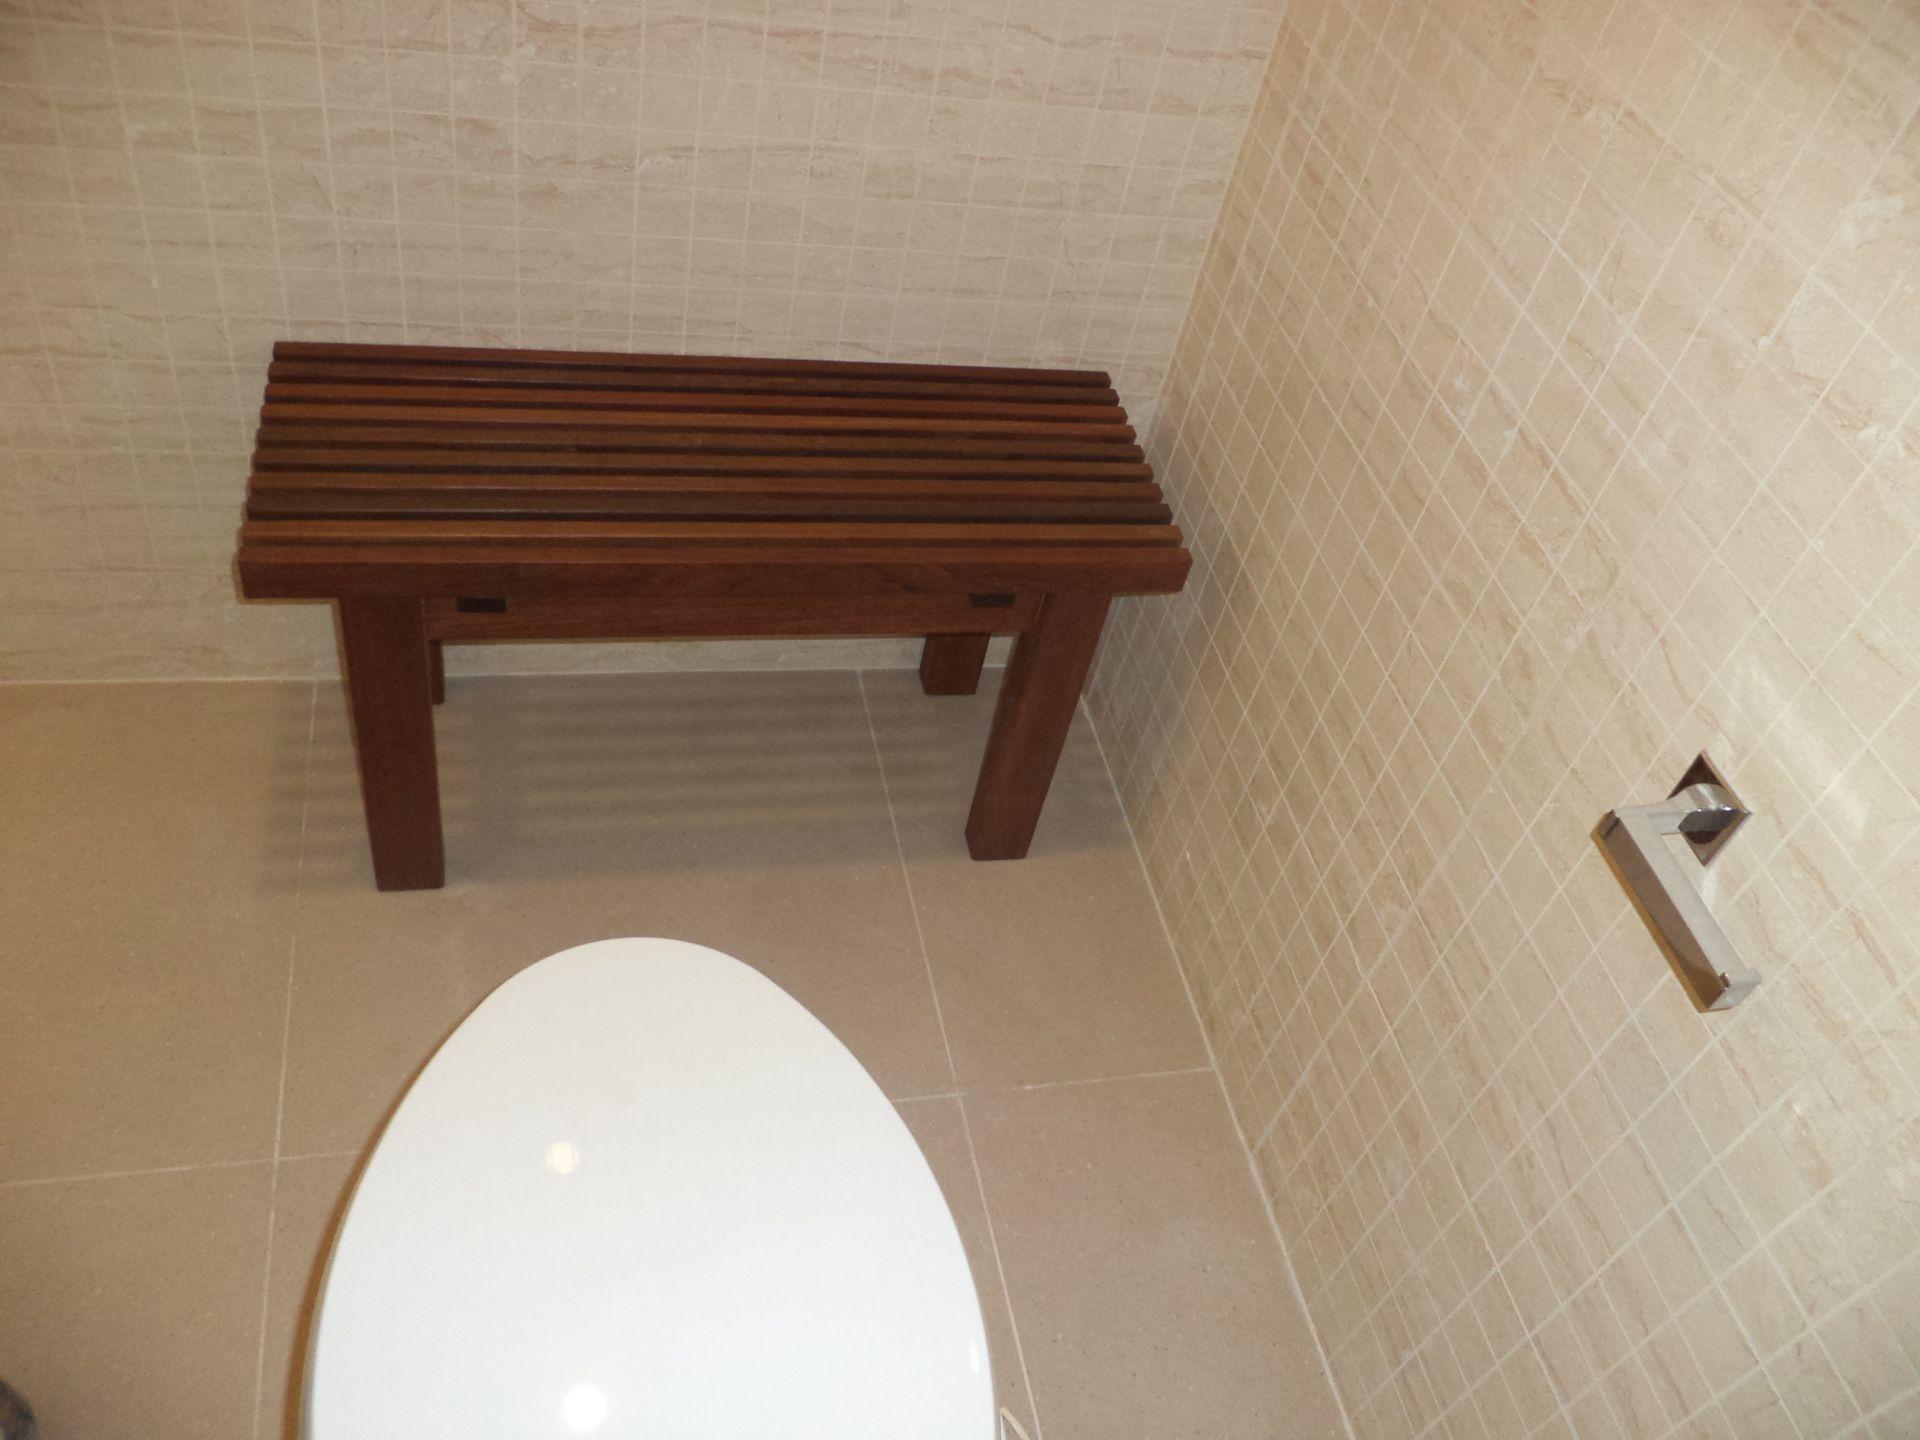 ספסל למקלחת ושרותים